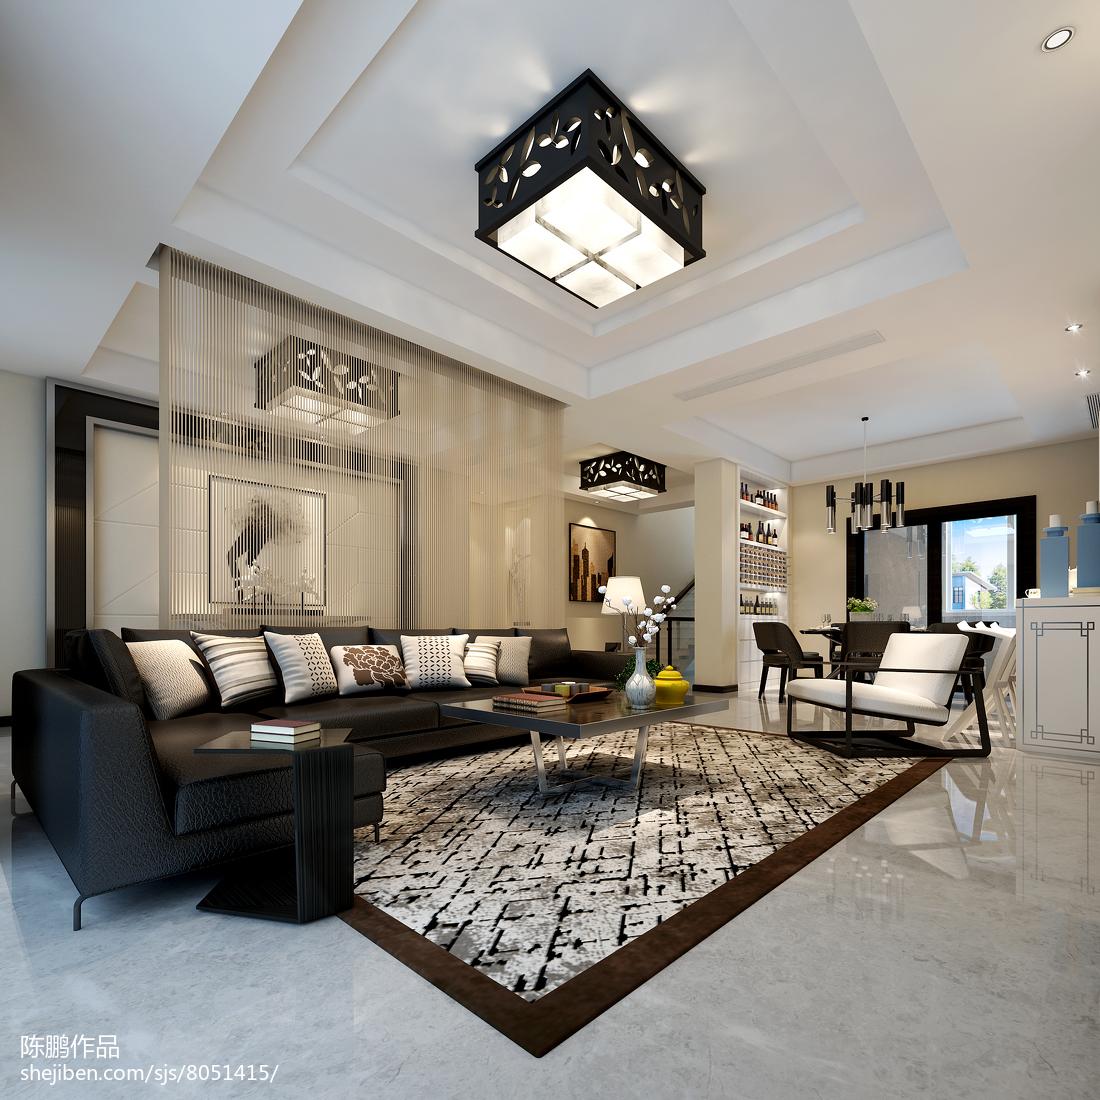 热门别墅客厅简约装修设计效果图片欣赏